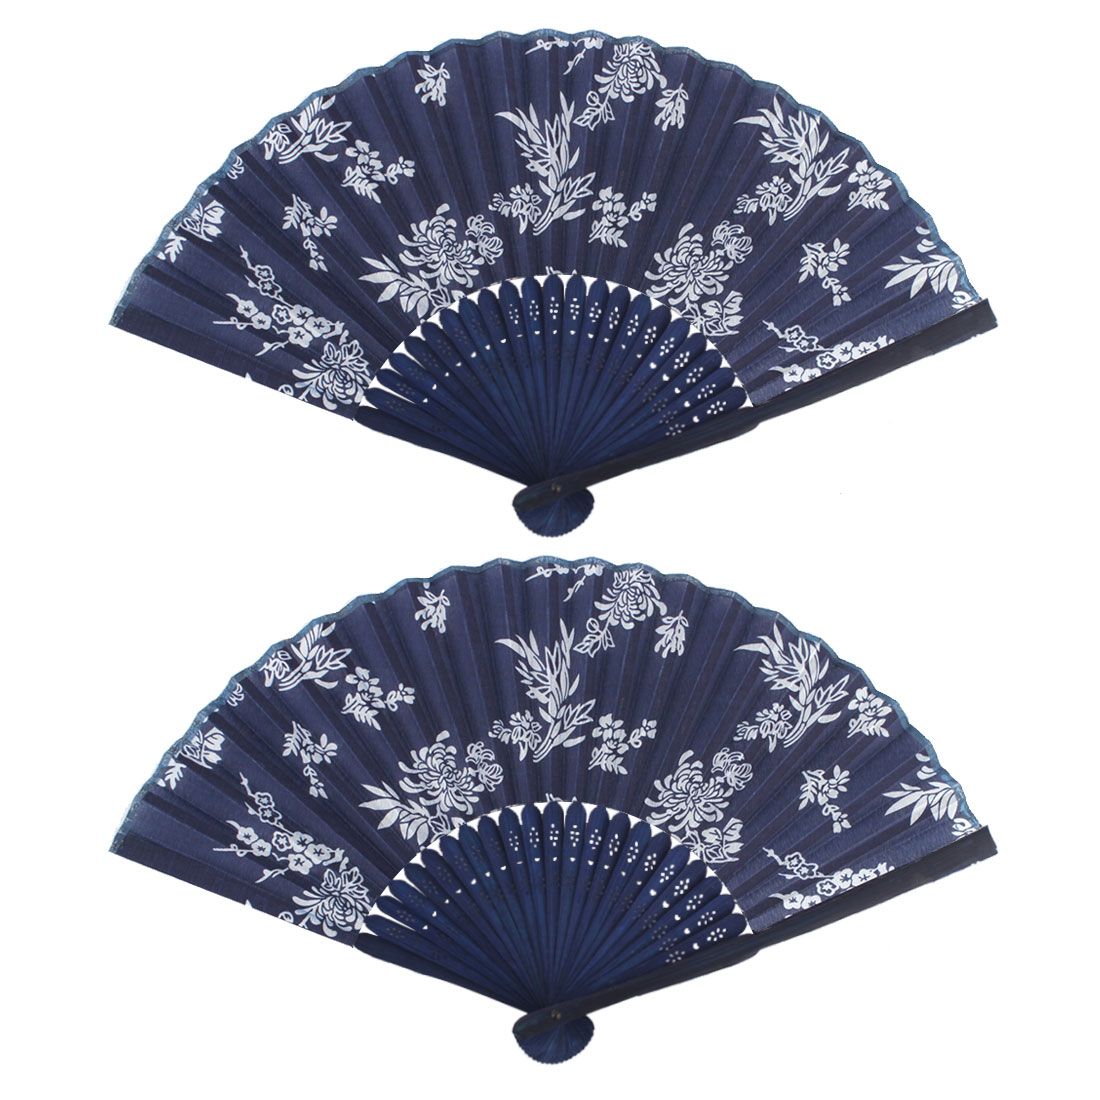 Dancing Chrysanthemum Pattern Exquisite Vintage Decorative Folding Fan 2 PCS